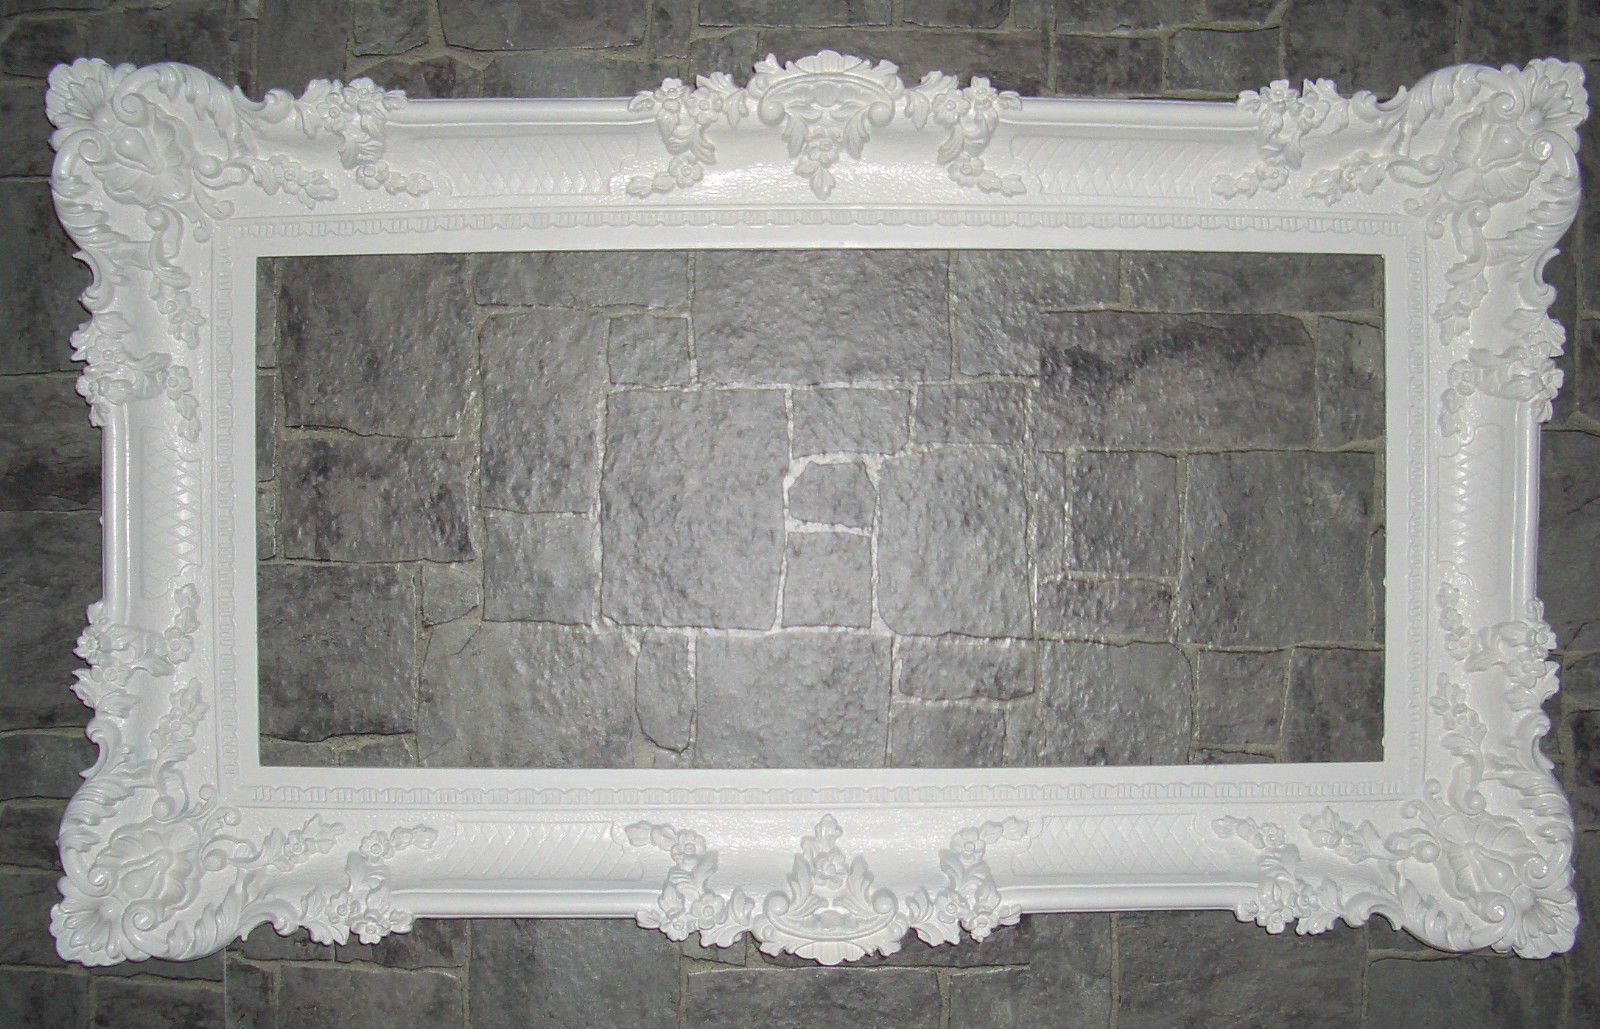 Bilderrahmen hochzeit 96x57 Spiegelrahmen Gemälde Weiß Barock Antik ...